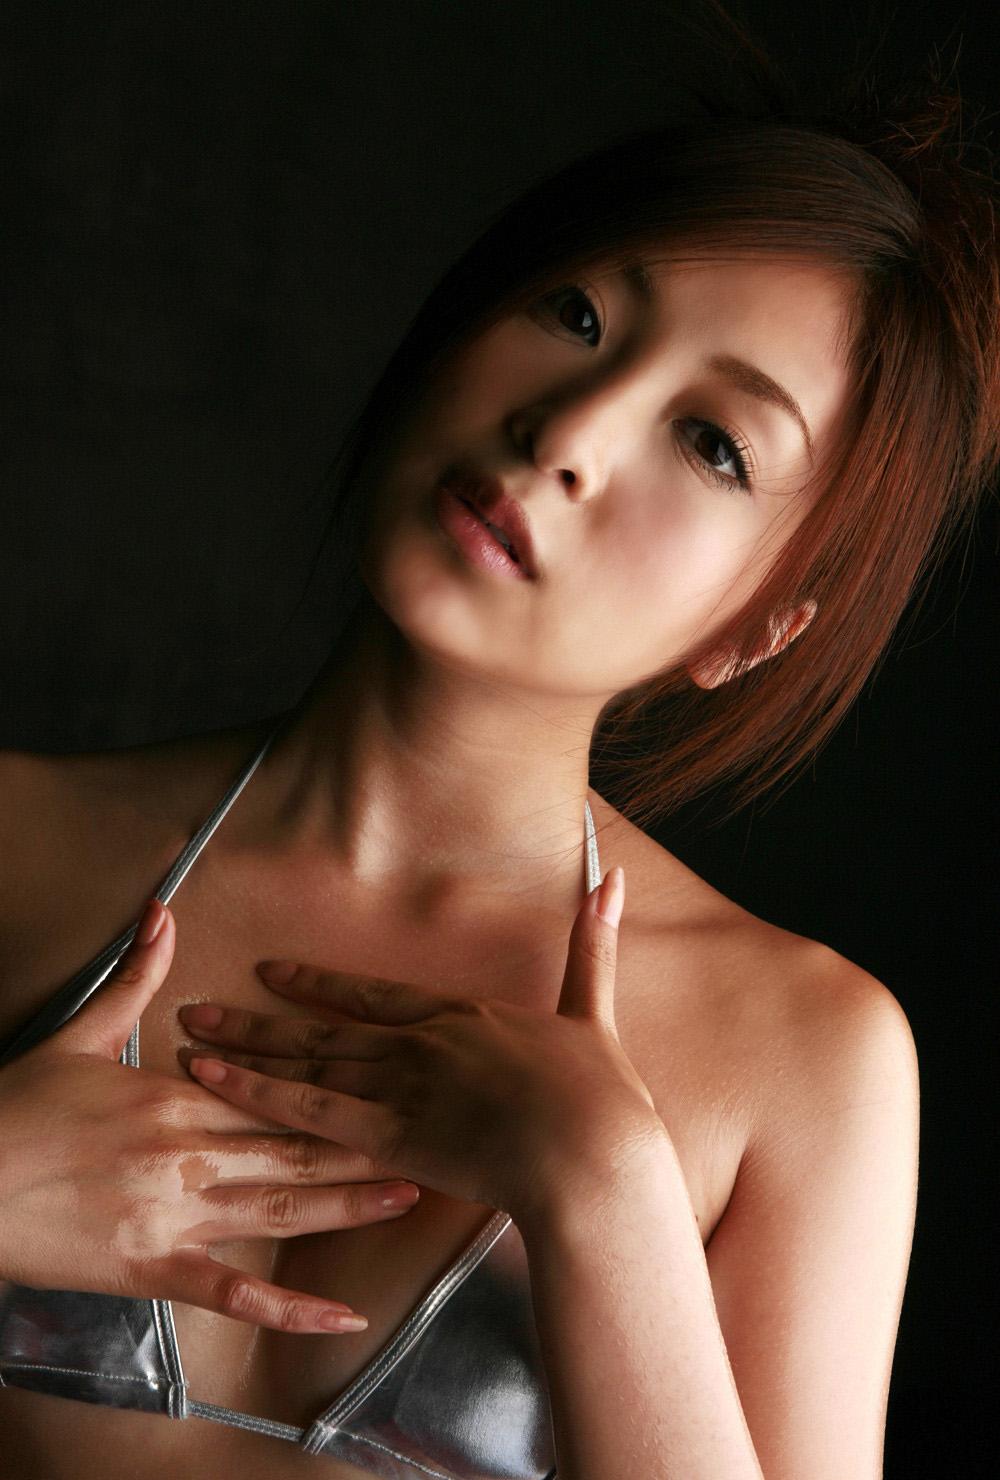 辰巳奈都子 画像 掲示板 92